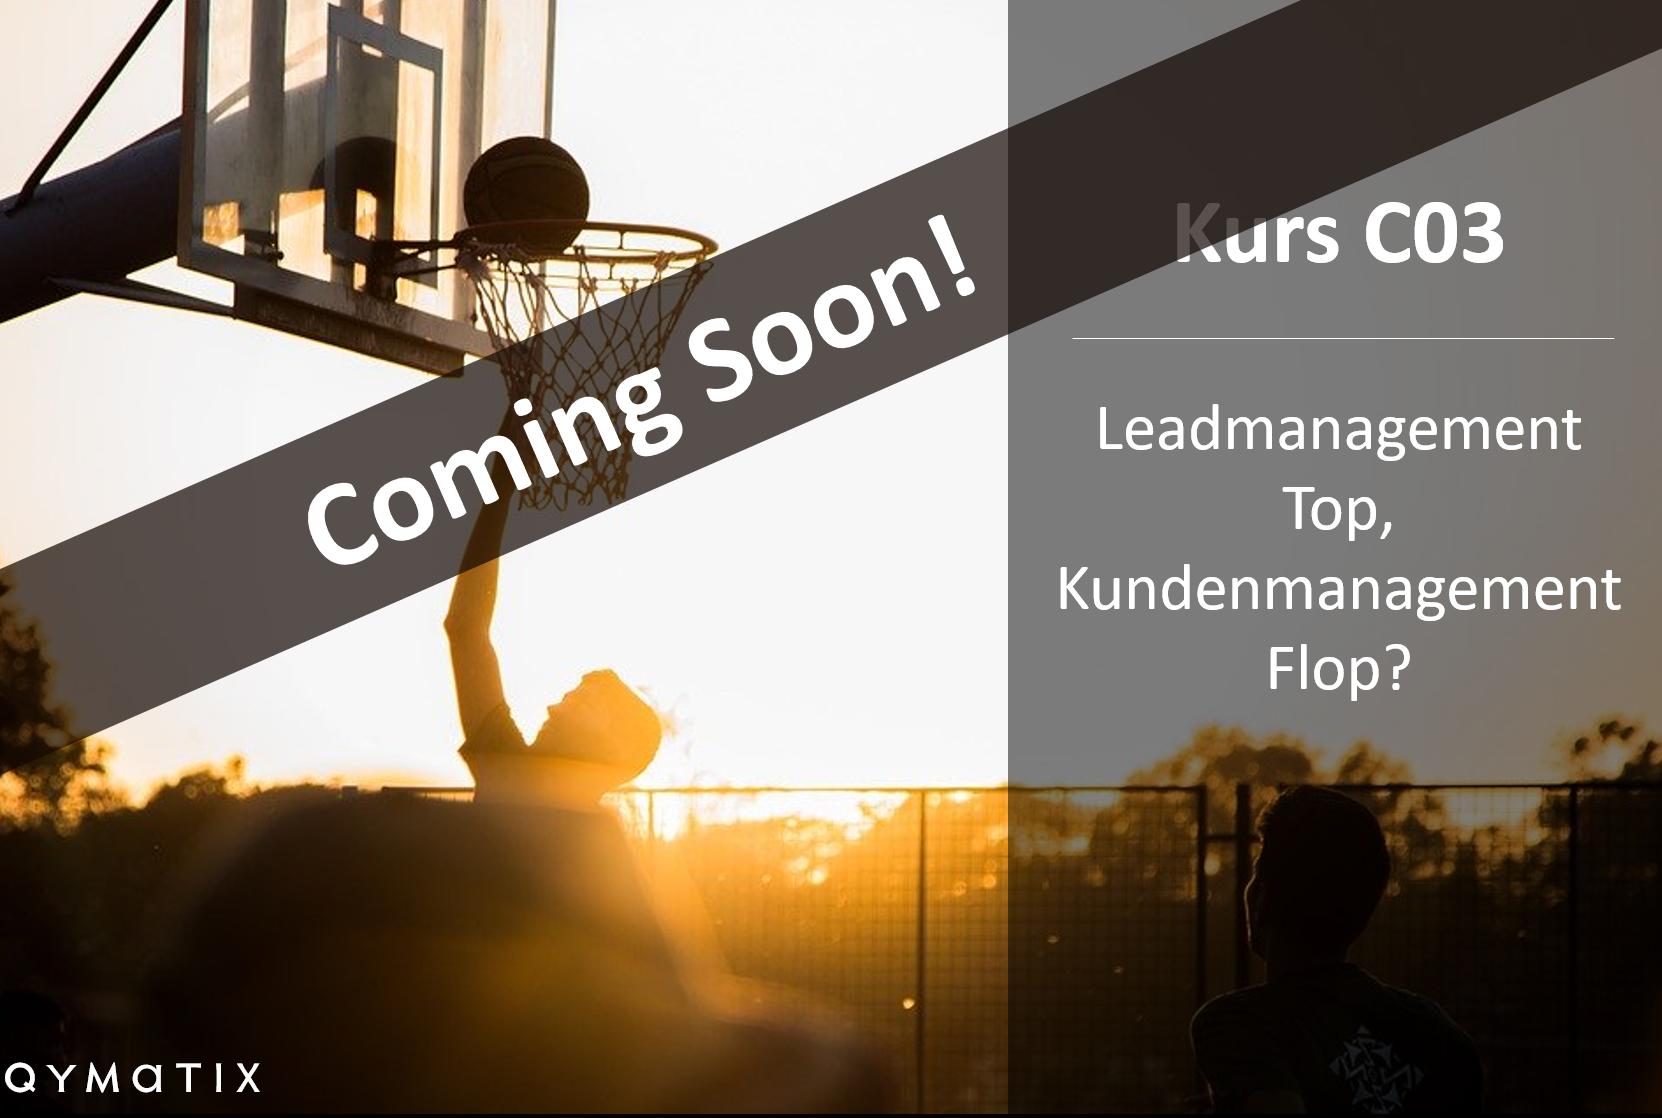 Leadmanagement top, Kundenmanagement flop? – C03